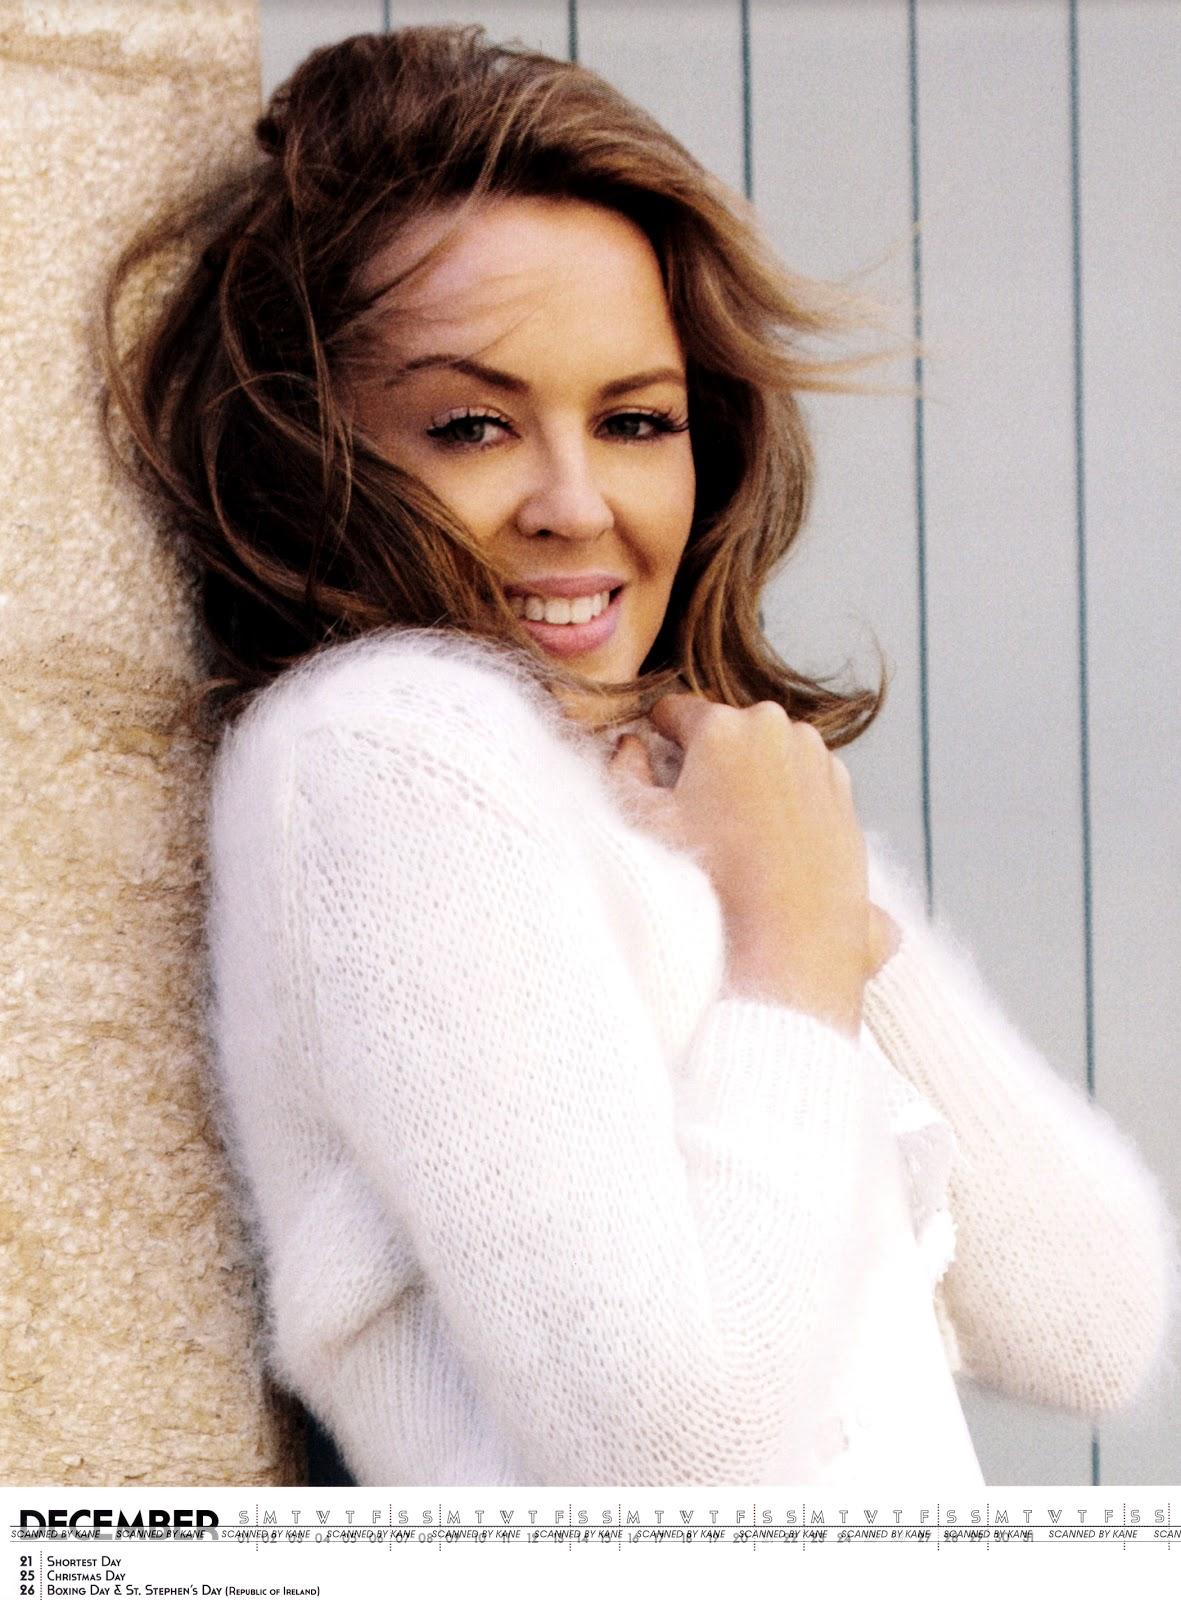 http://1.bp.blogspot.com/-FkI5waaCNw8/UHwCapBUYjI/AAAAAAAATUI/H7jZBsD27lI/s1600/Kylie+Minogue+-+Official+2013+Calendar+-13.jpg